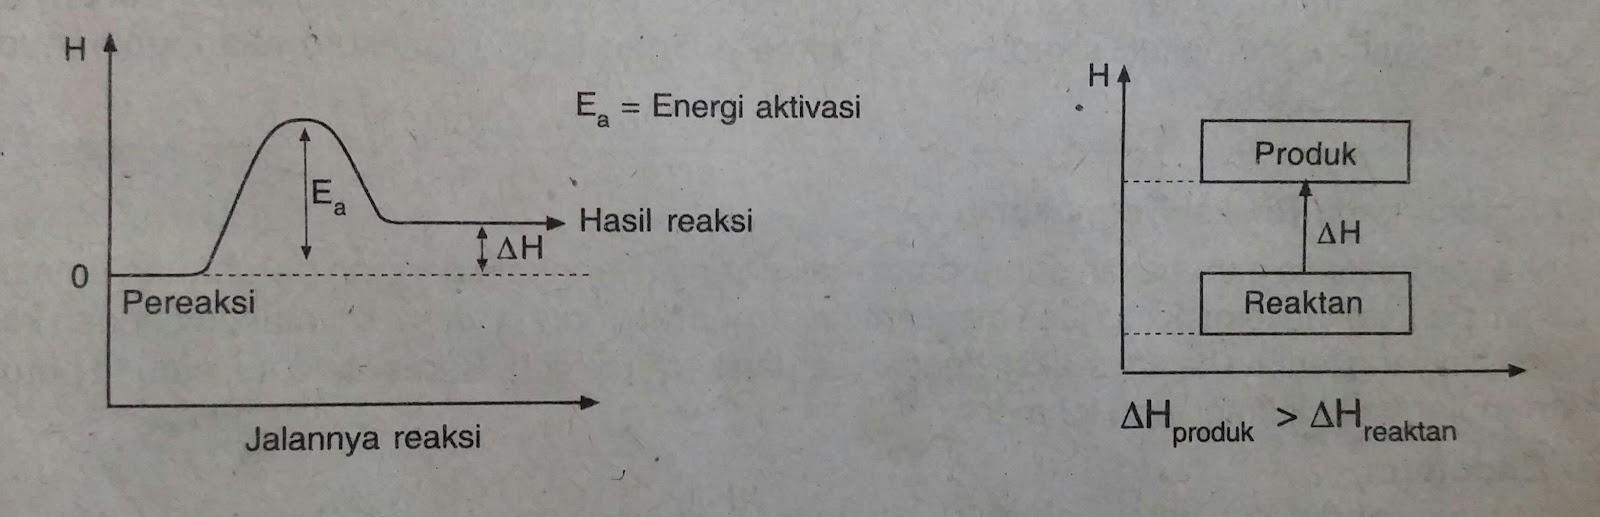 Sistem lingkungan energi dalam entalpi dan reaksi termokimia diagram tingkat energinya beberapa contoh reaksi endoterm ccuart Choice Image